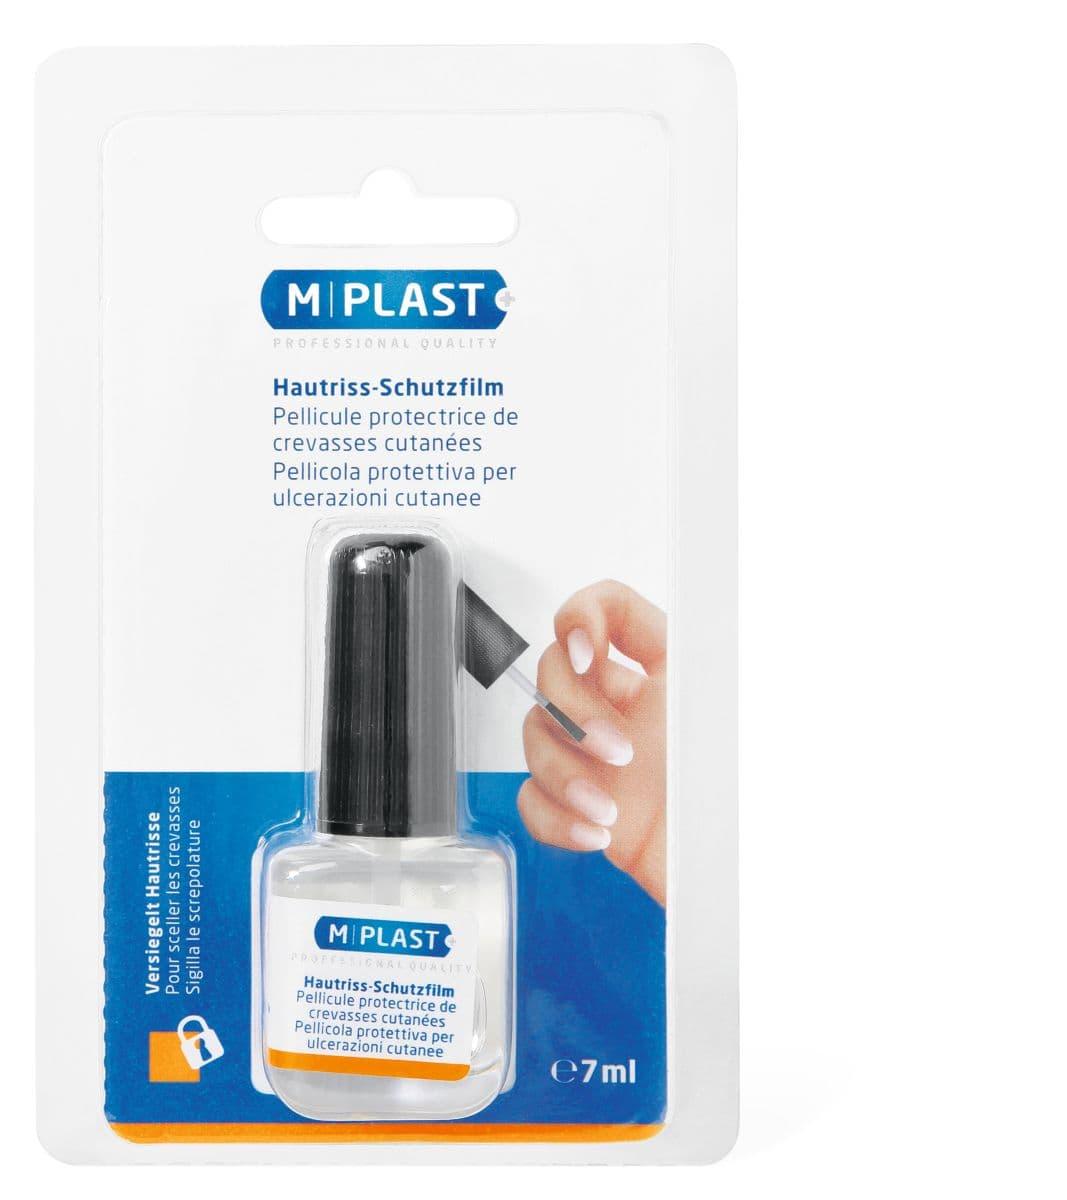 M-Plast Hautrissschutz